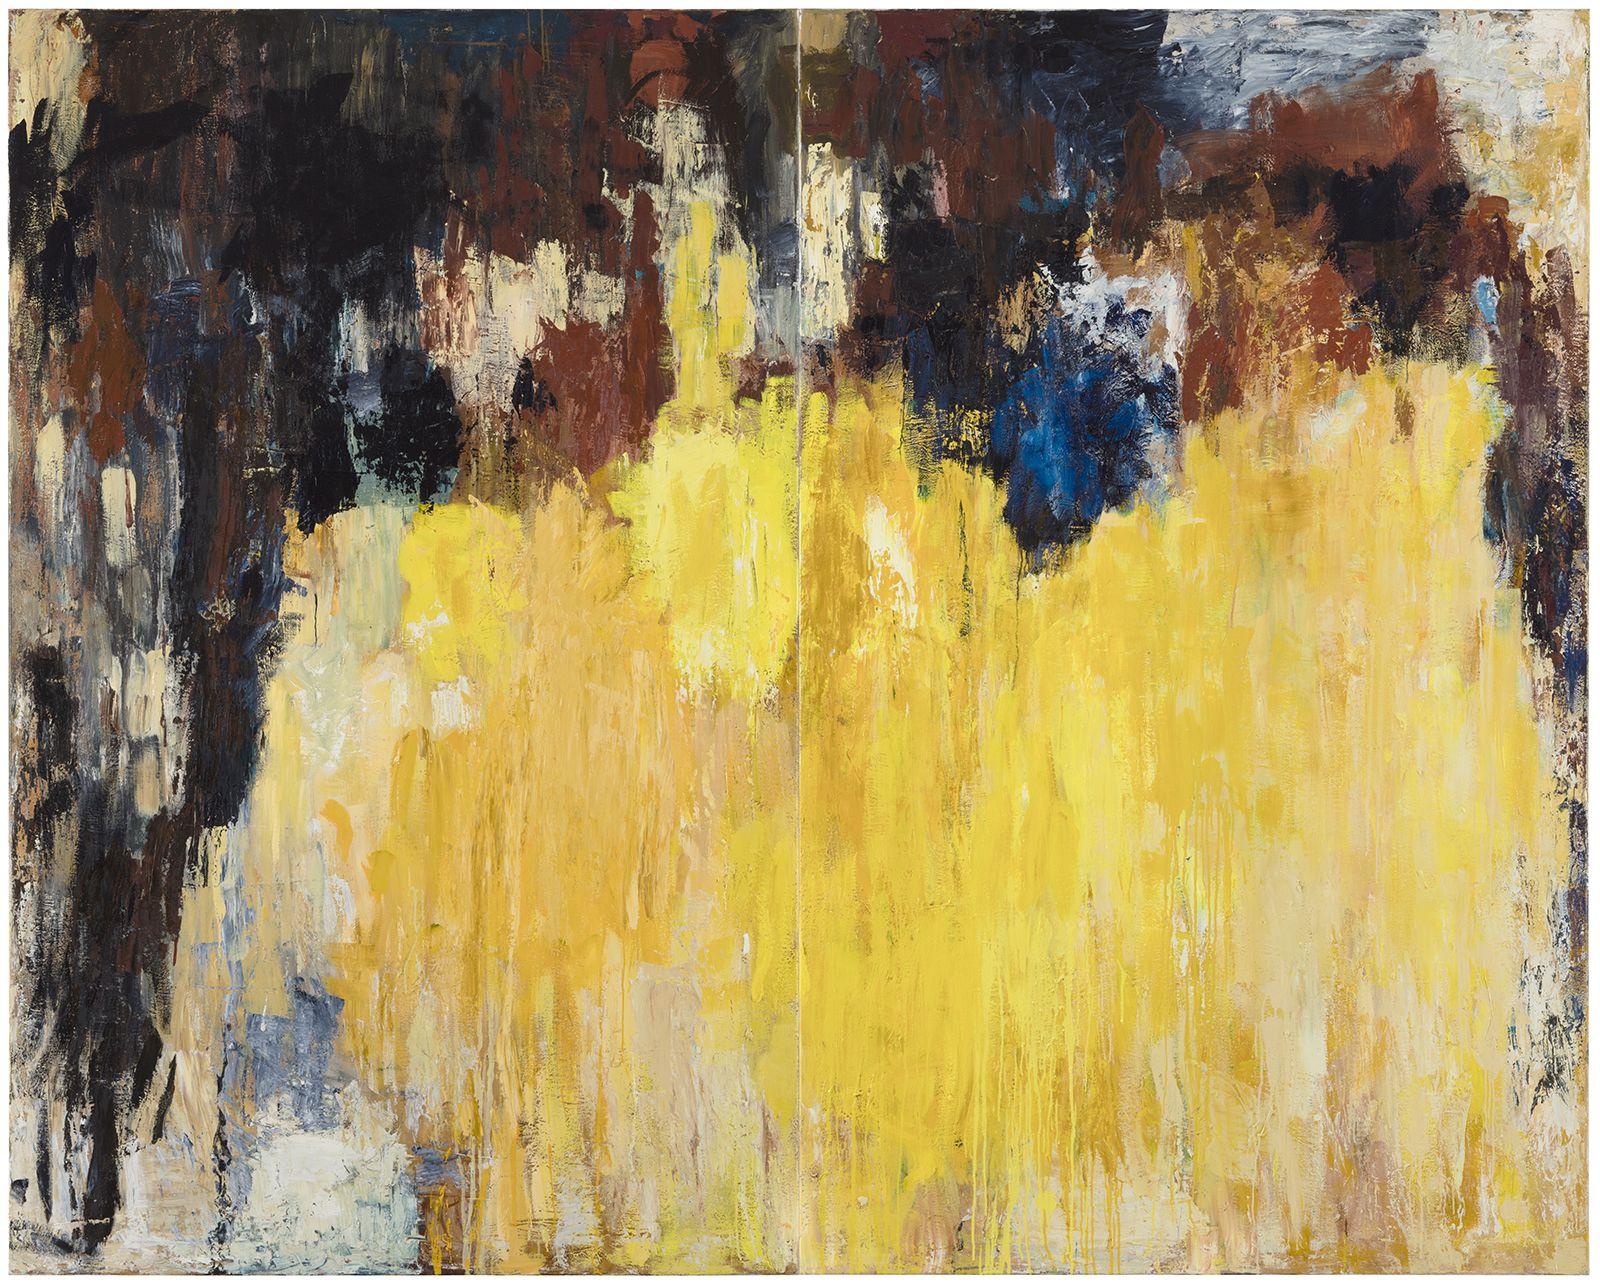 Muistojen vesiputous, 1998 & 2020, Oil on Canvas, Courtesy of the artist and Galerie Forsblom